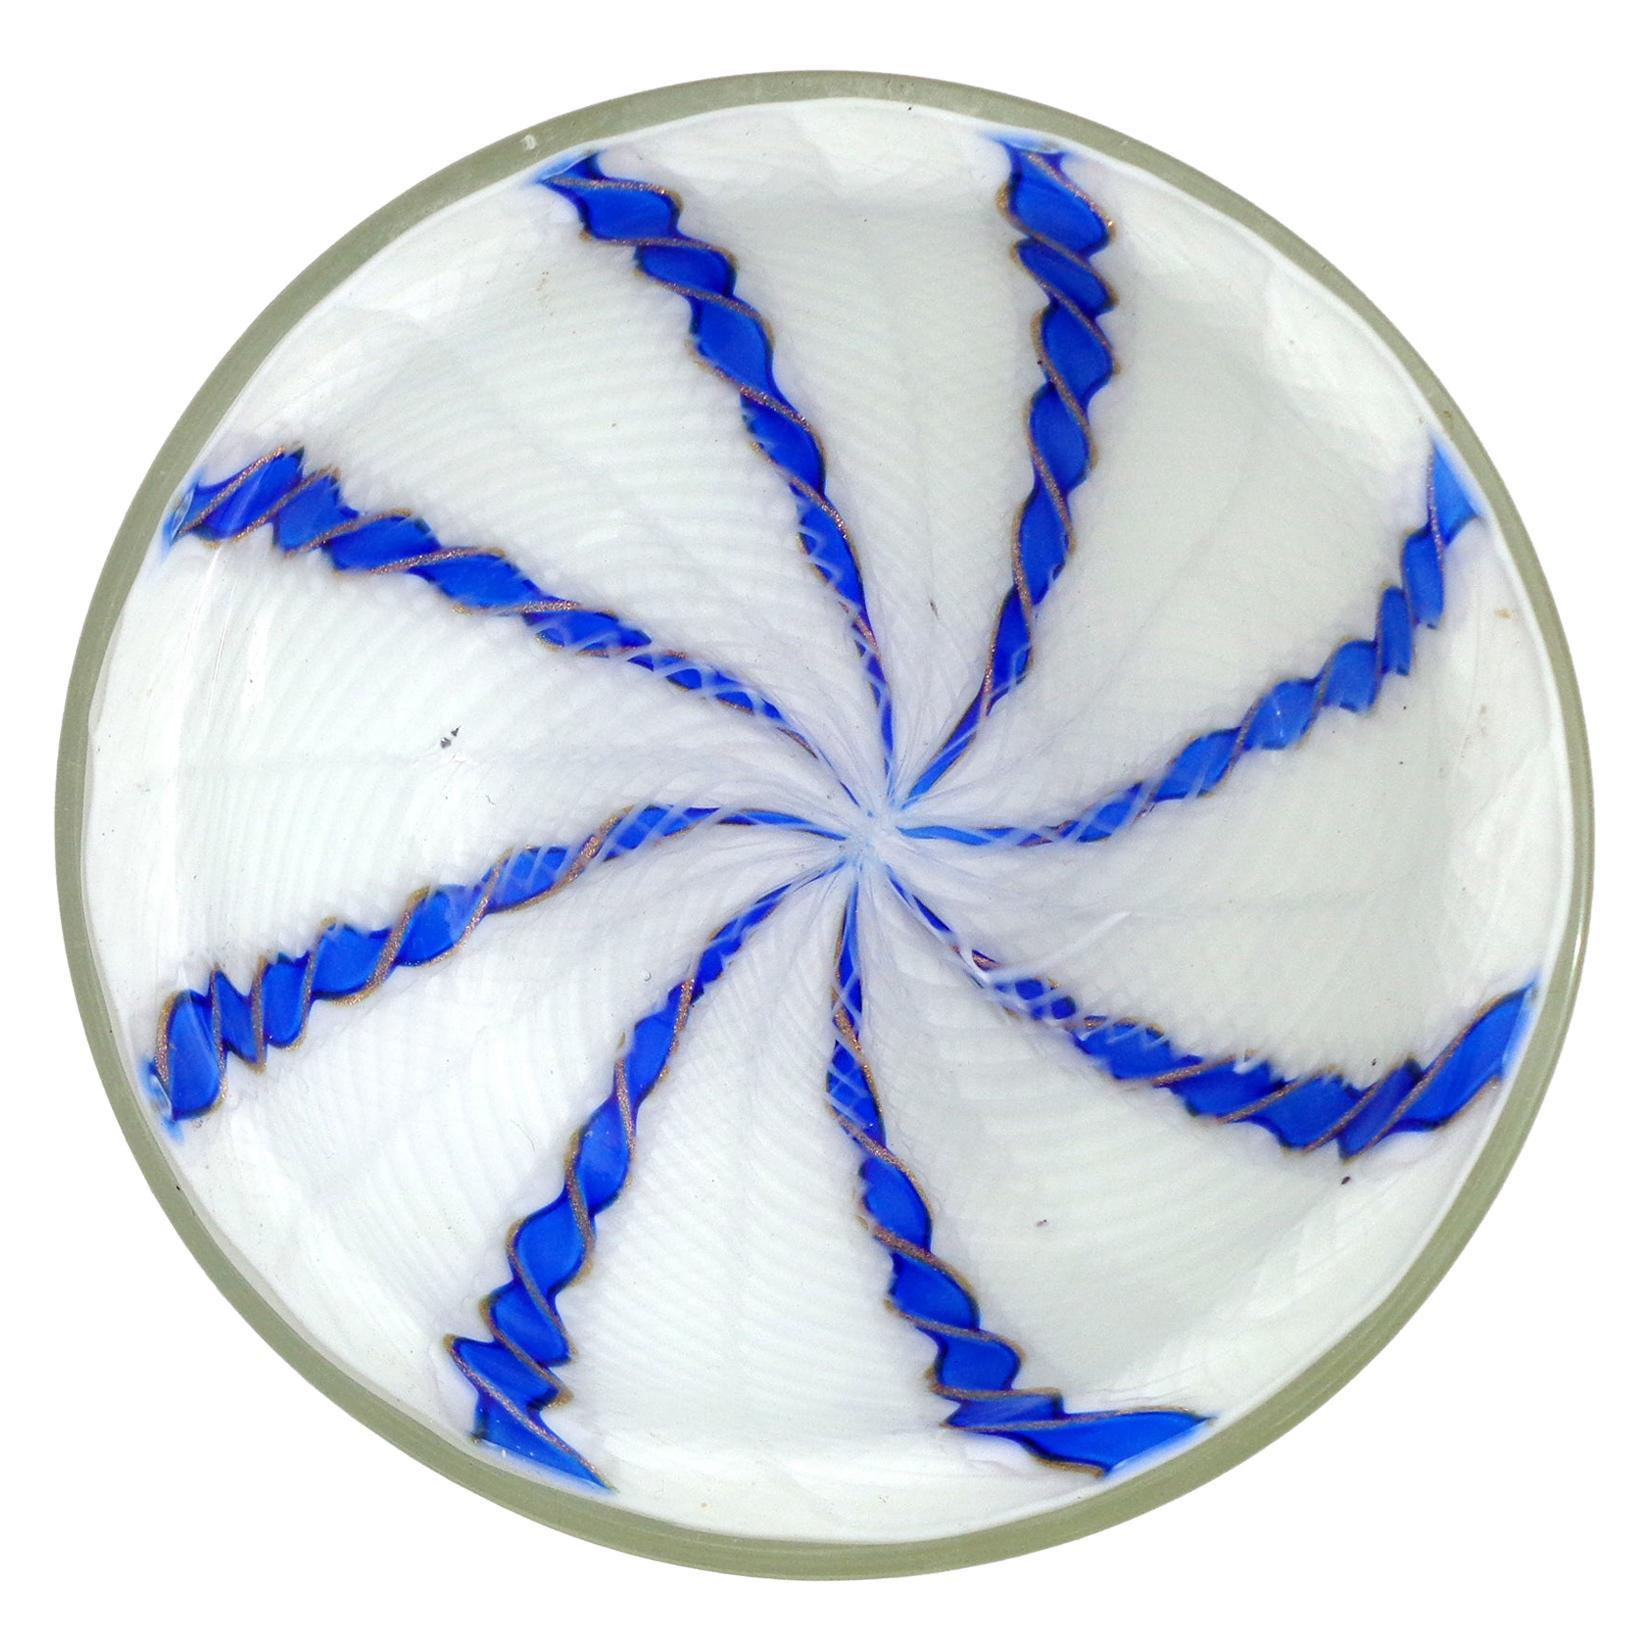 Murano White Blue Aventurine Twist Ribbons Italian Art Glass Round Dish Bowl